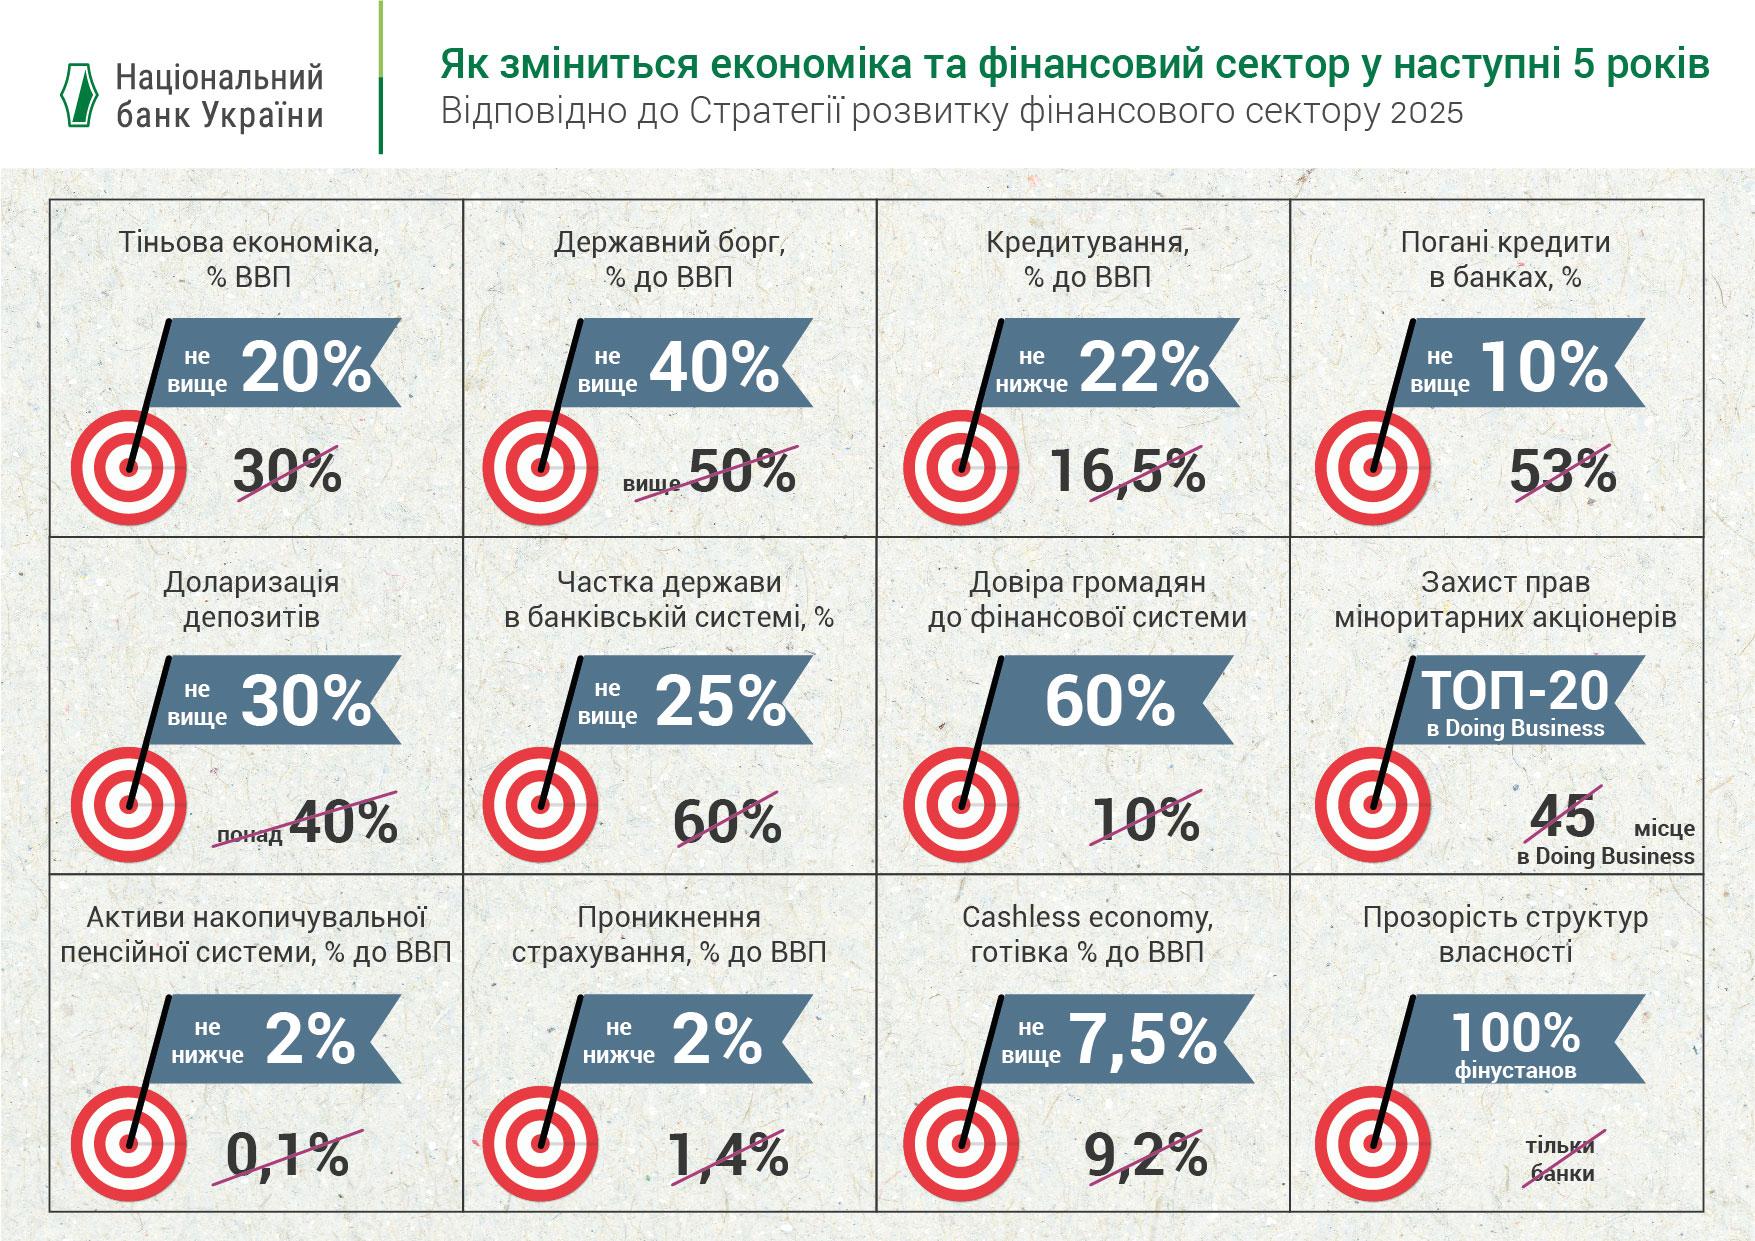 Стратегія в цифрах: Як може змінитися фінсектор за 5 років